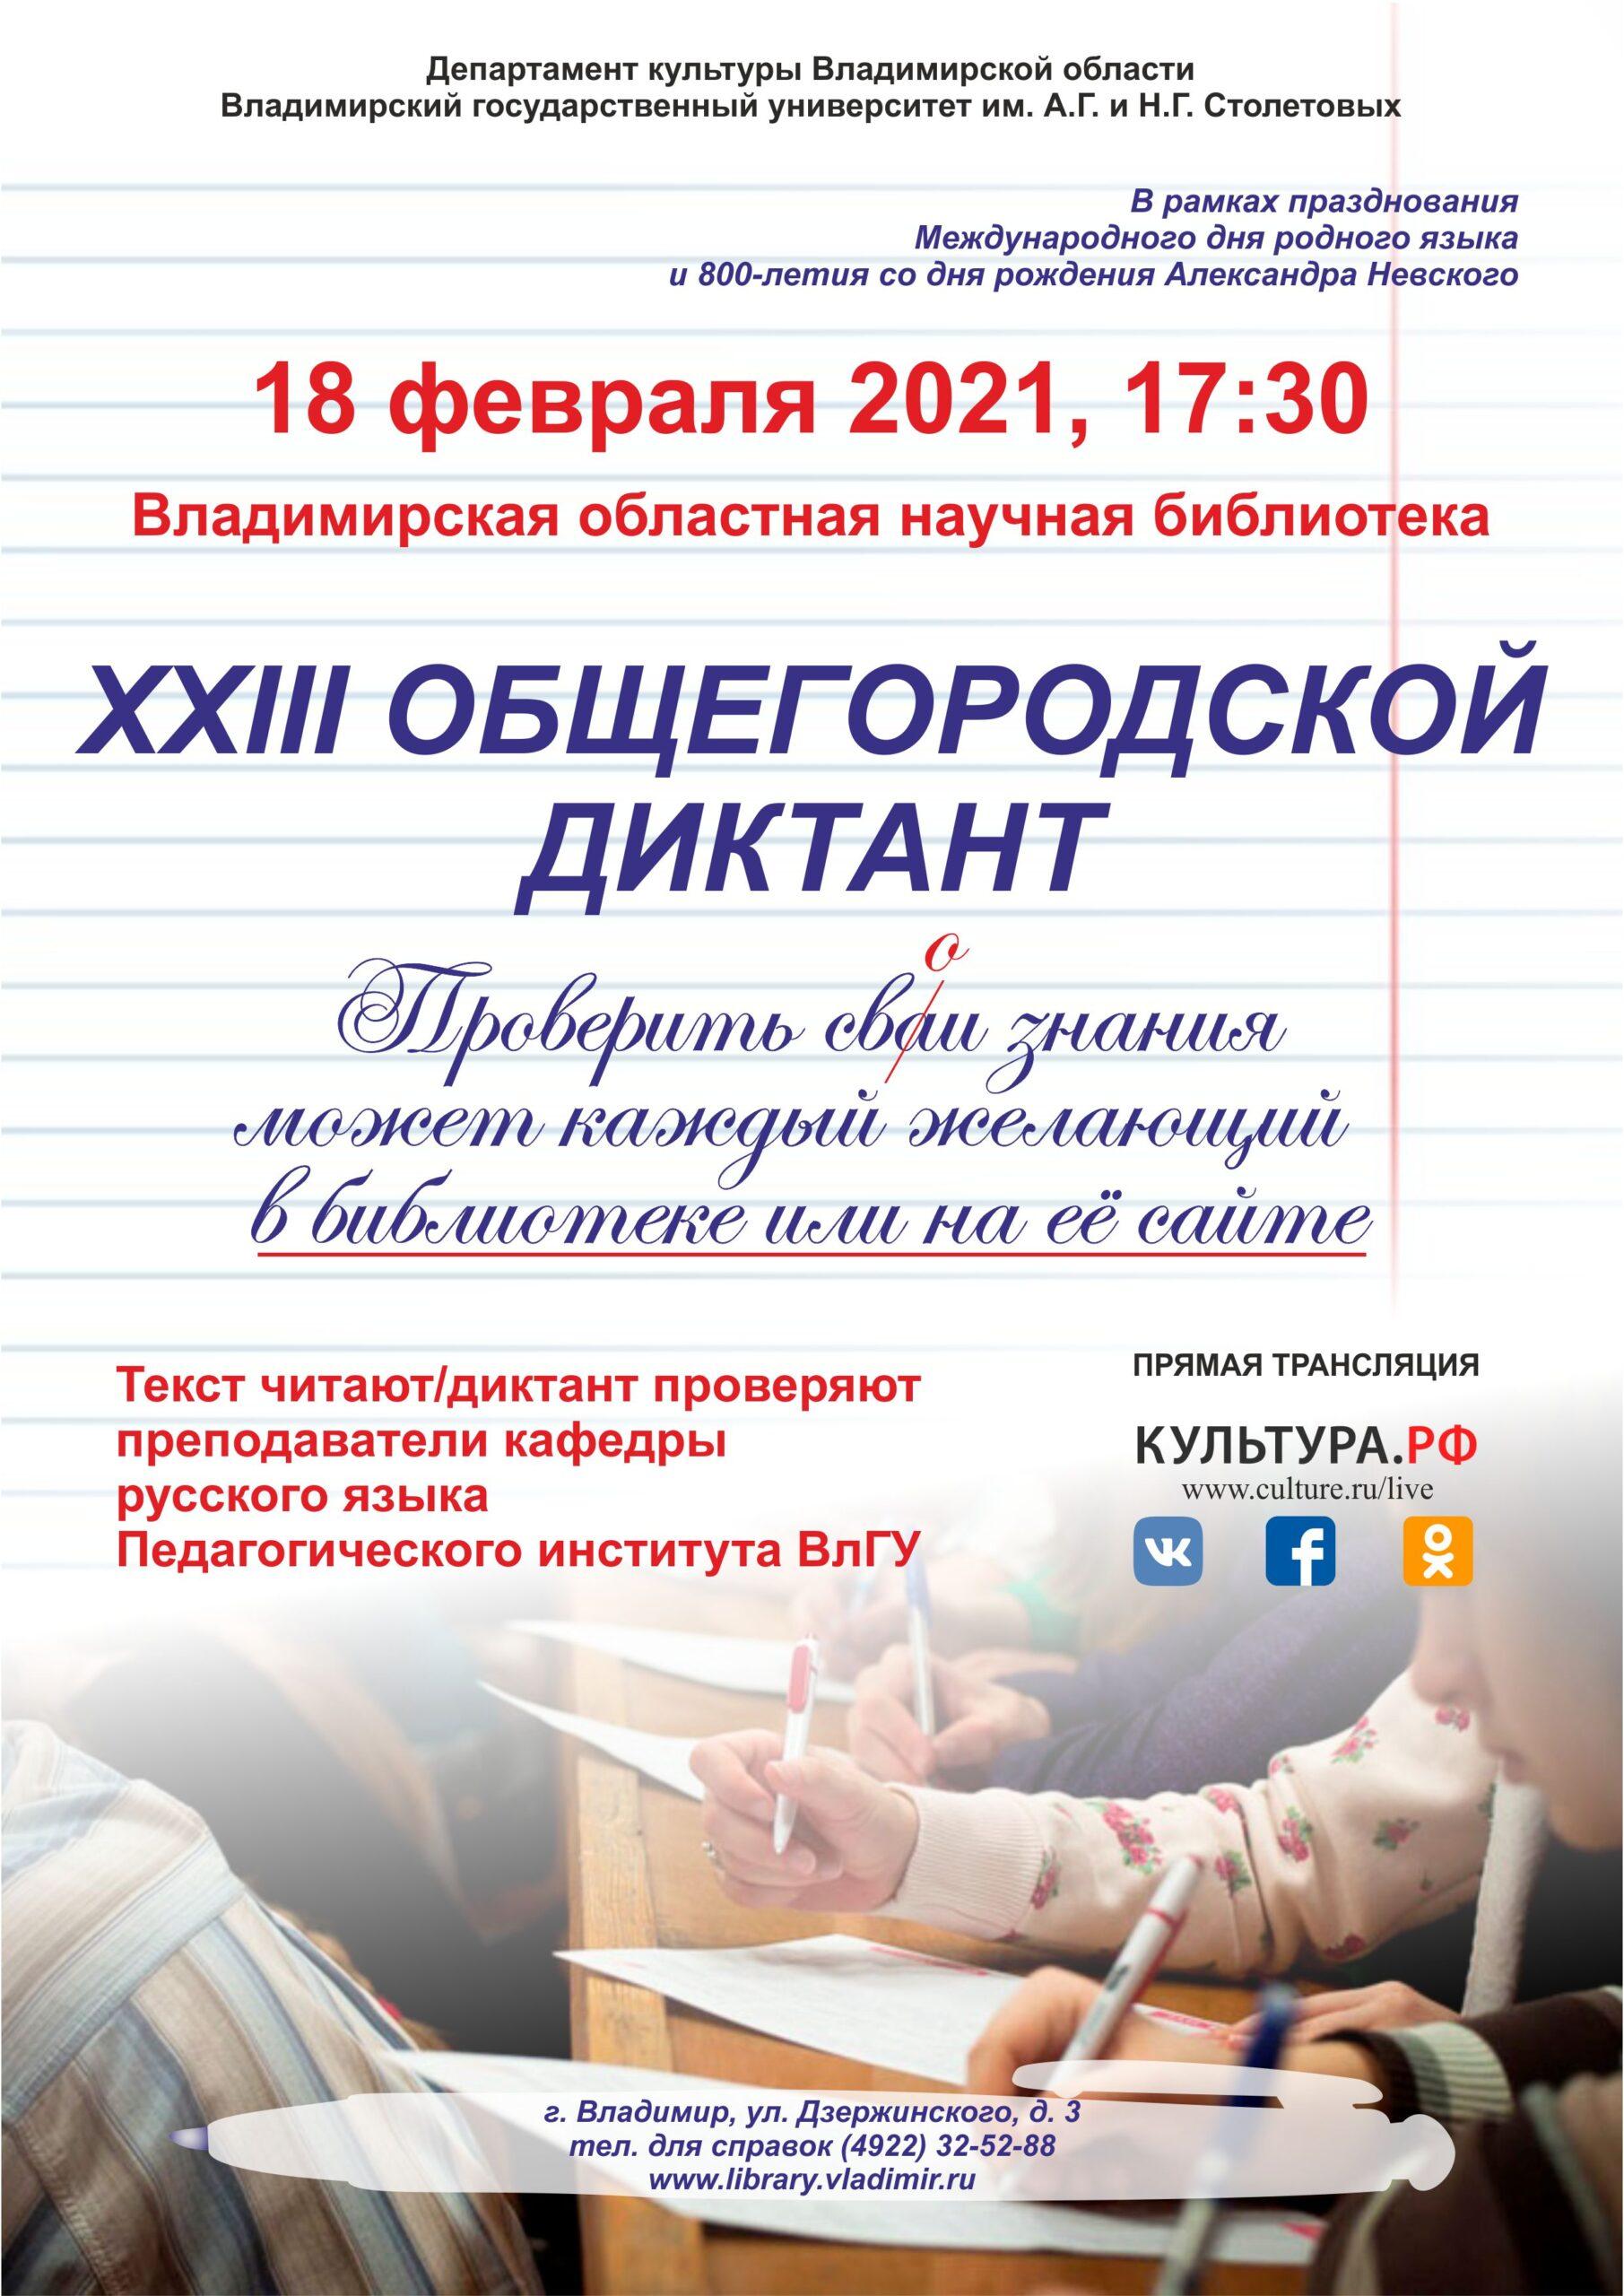 18 февраля Общегородской диктант - афиша